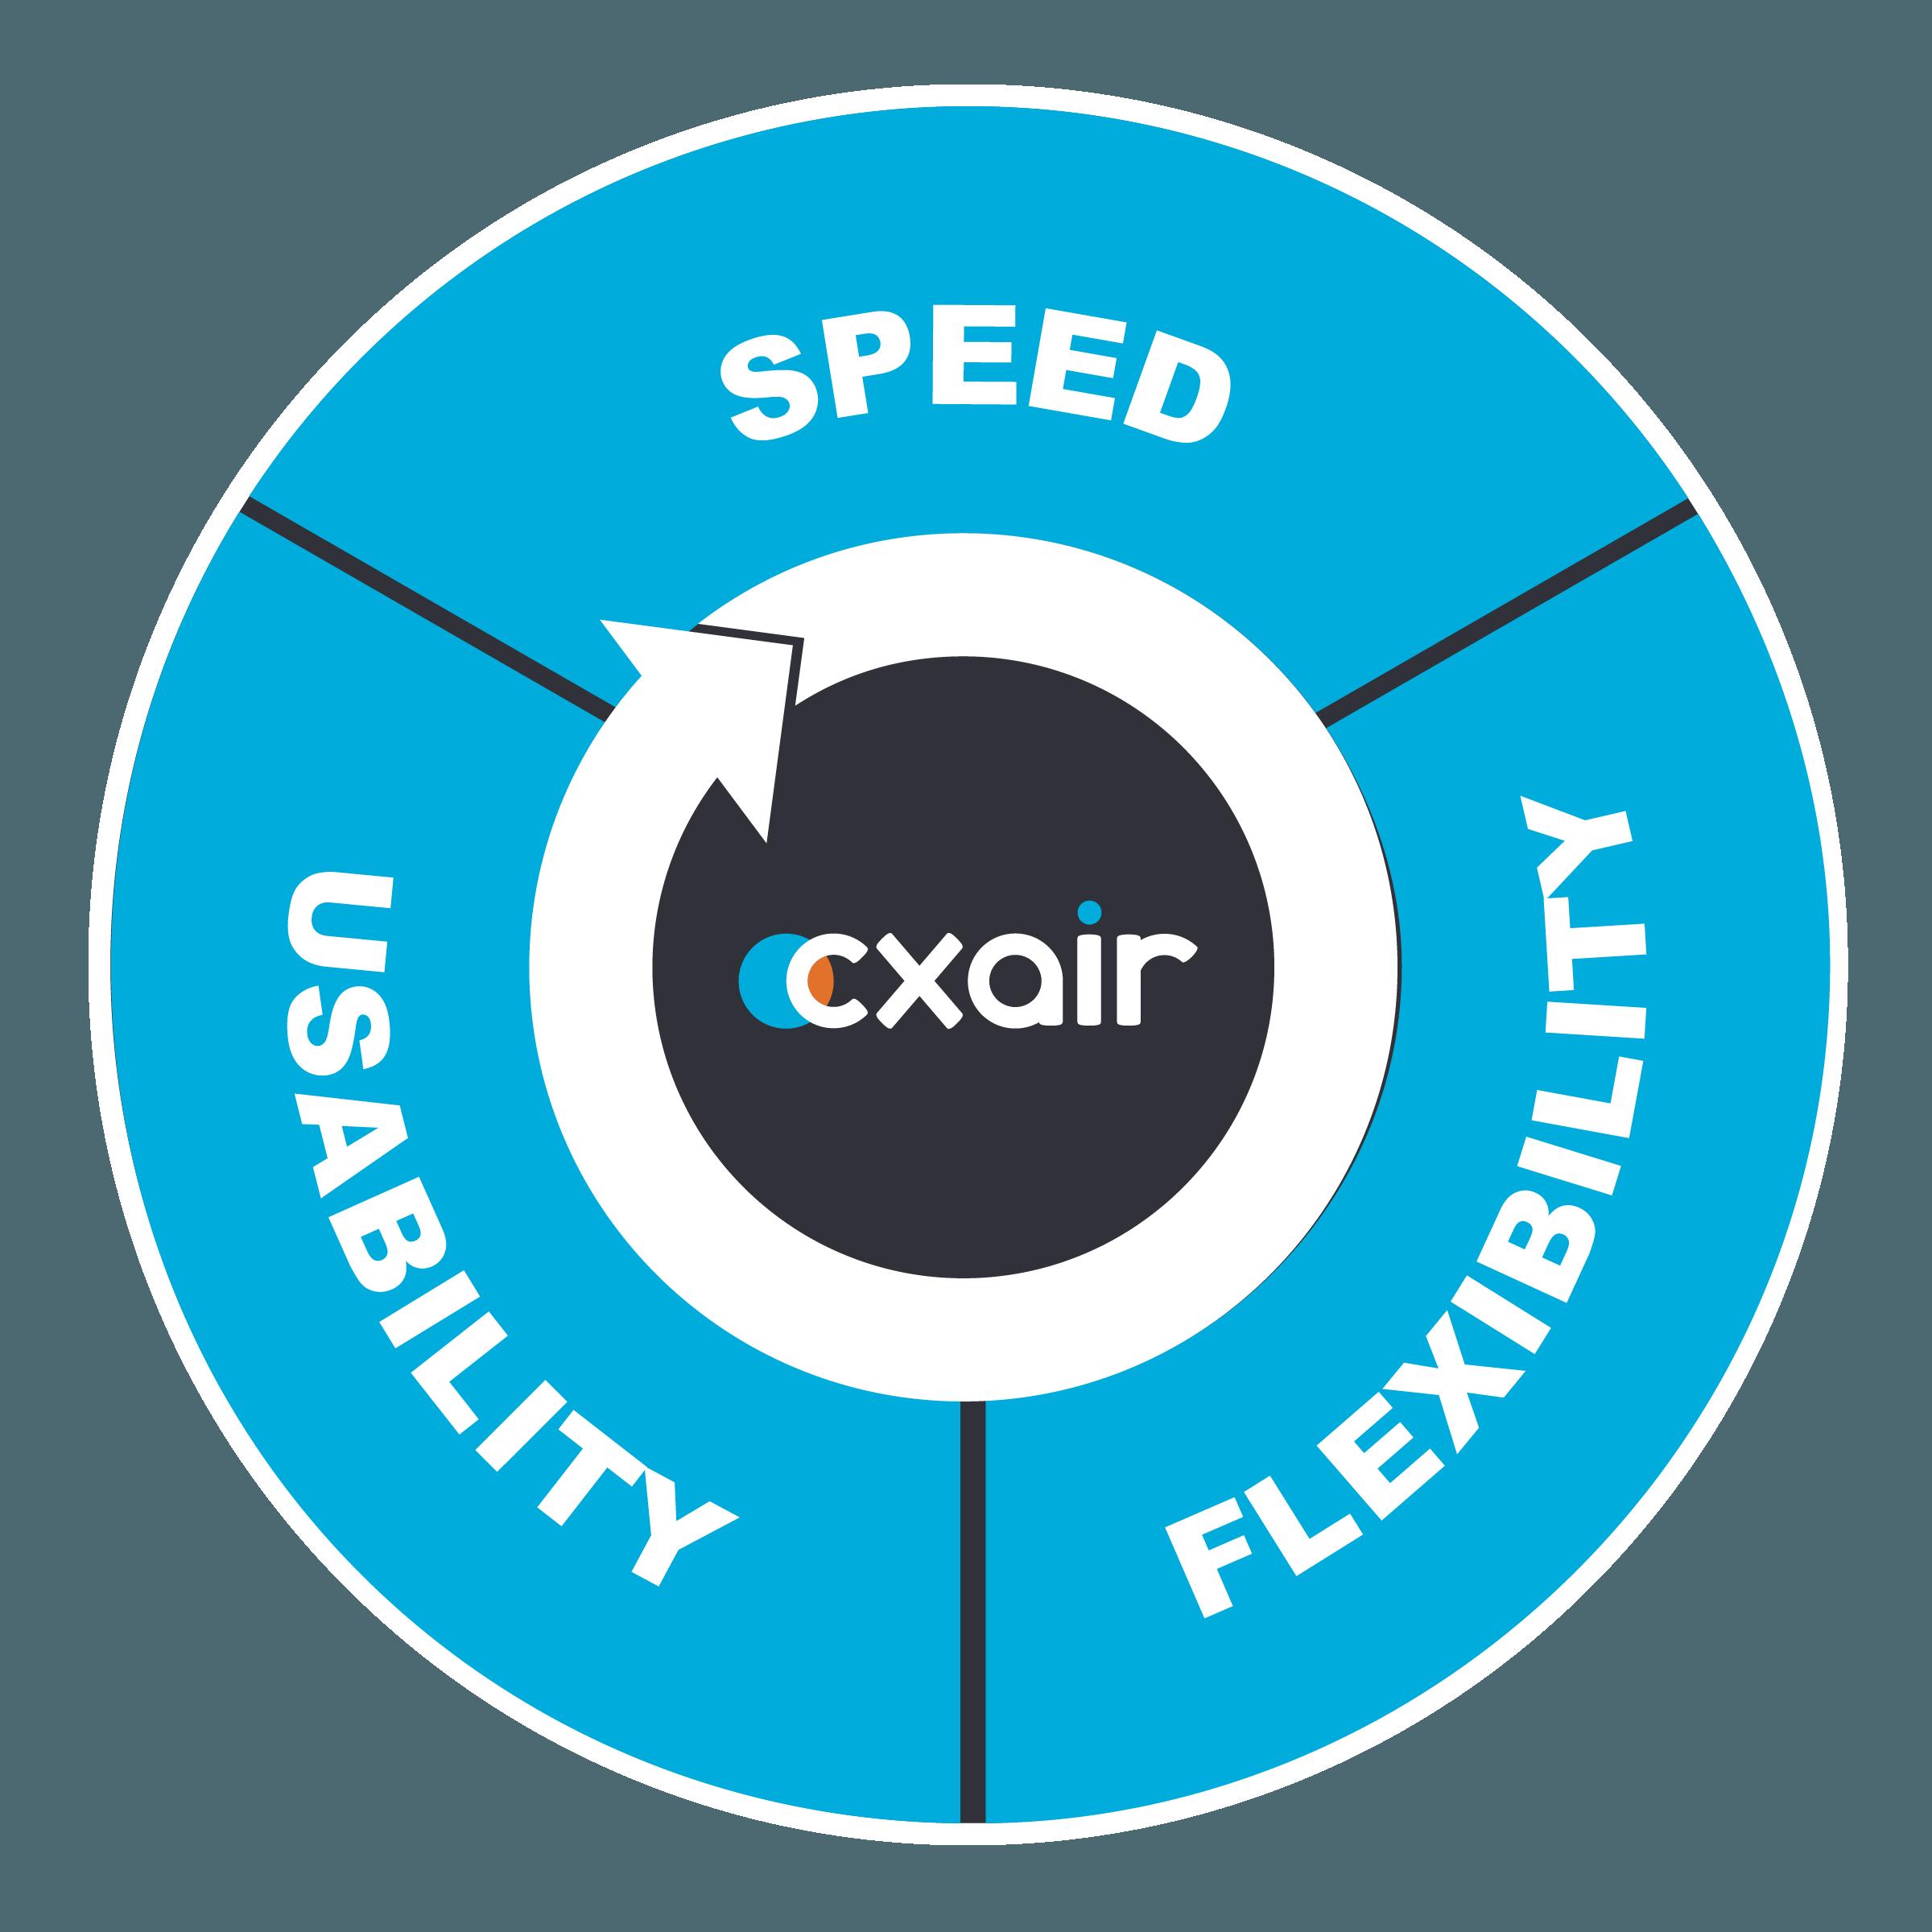 CXAIR Diagram